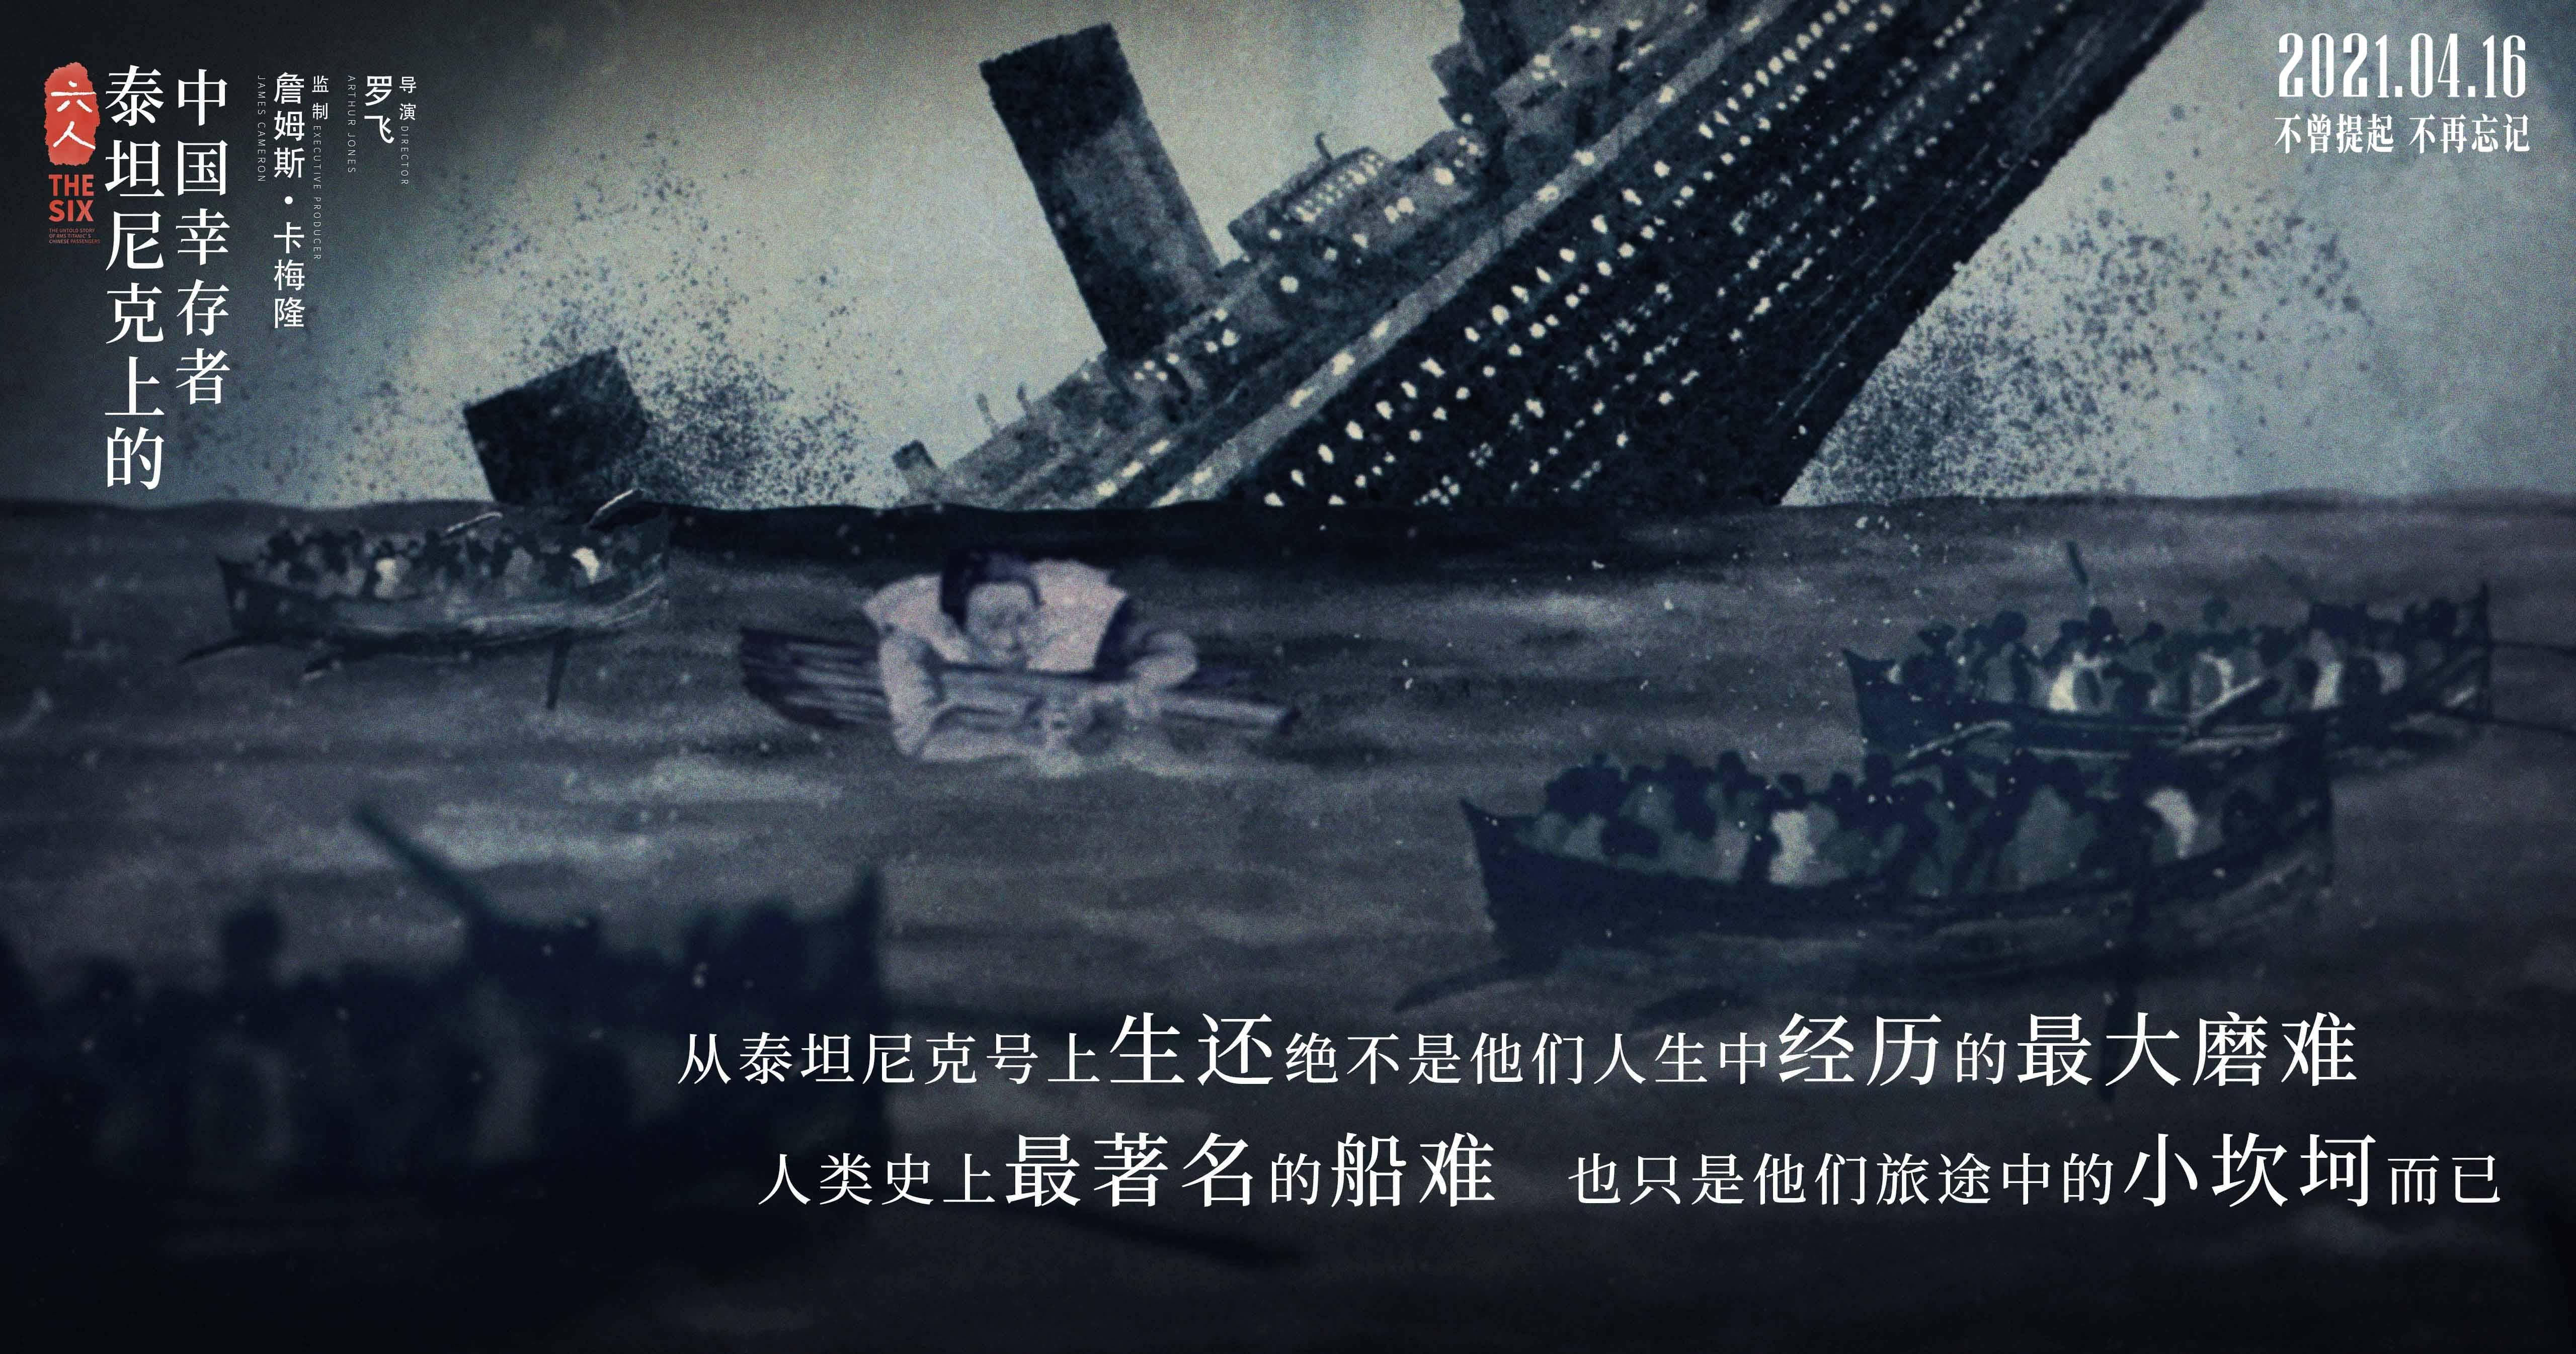 """《六人》发布""""百年真相""""版预告 卡梅隆为泰坦尼克号上的中国幸存者正名"""